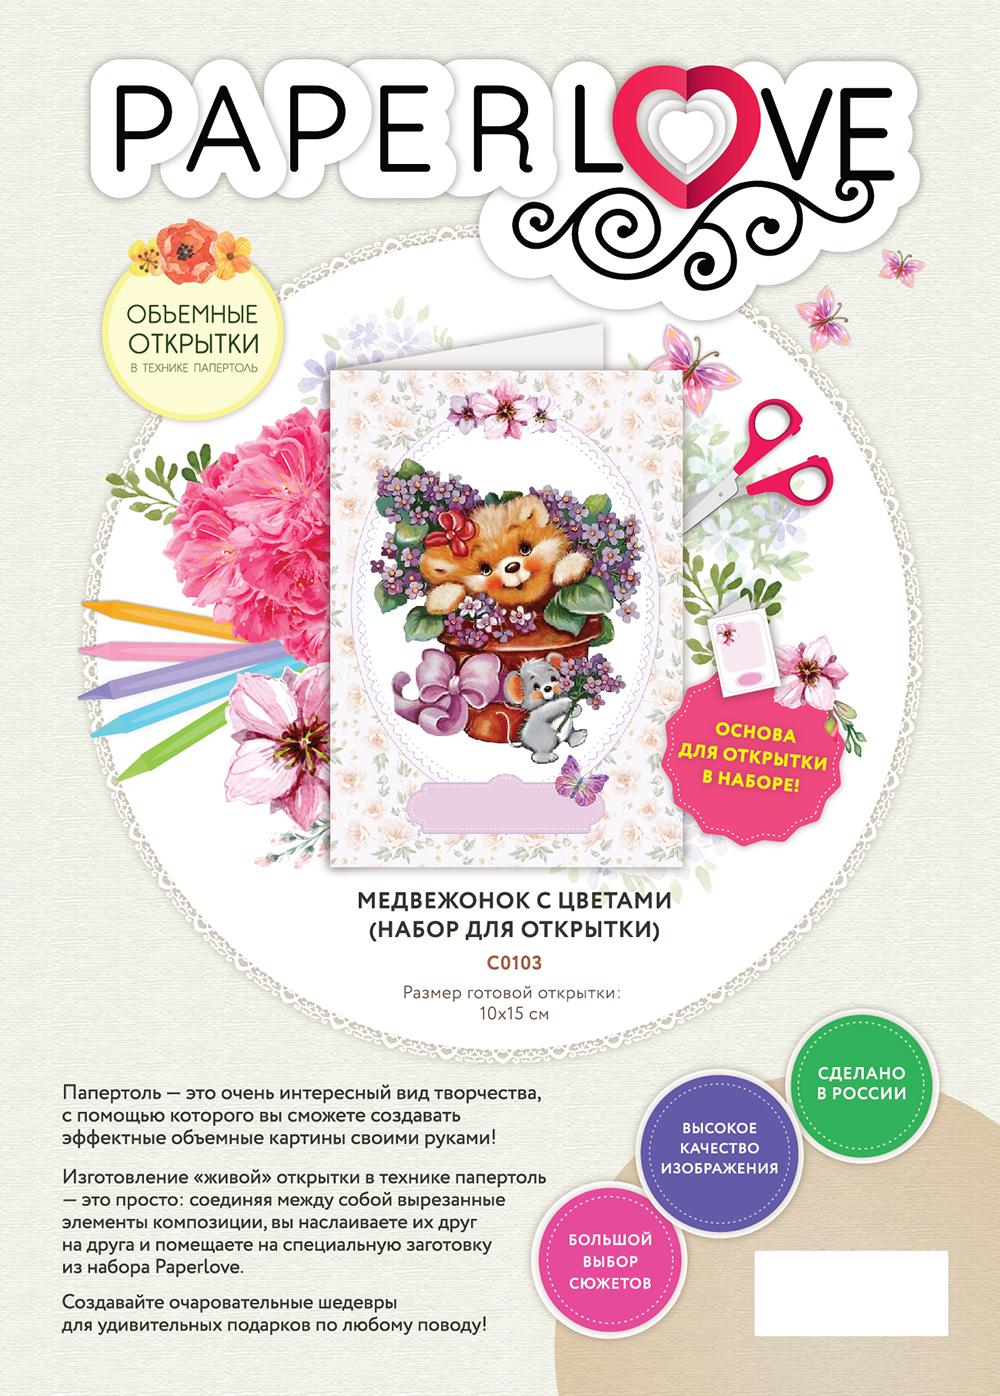 Открытка–папертоль Медвежонок с цветами – фотография обложки.